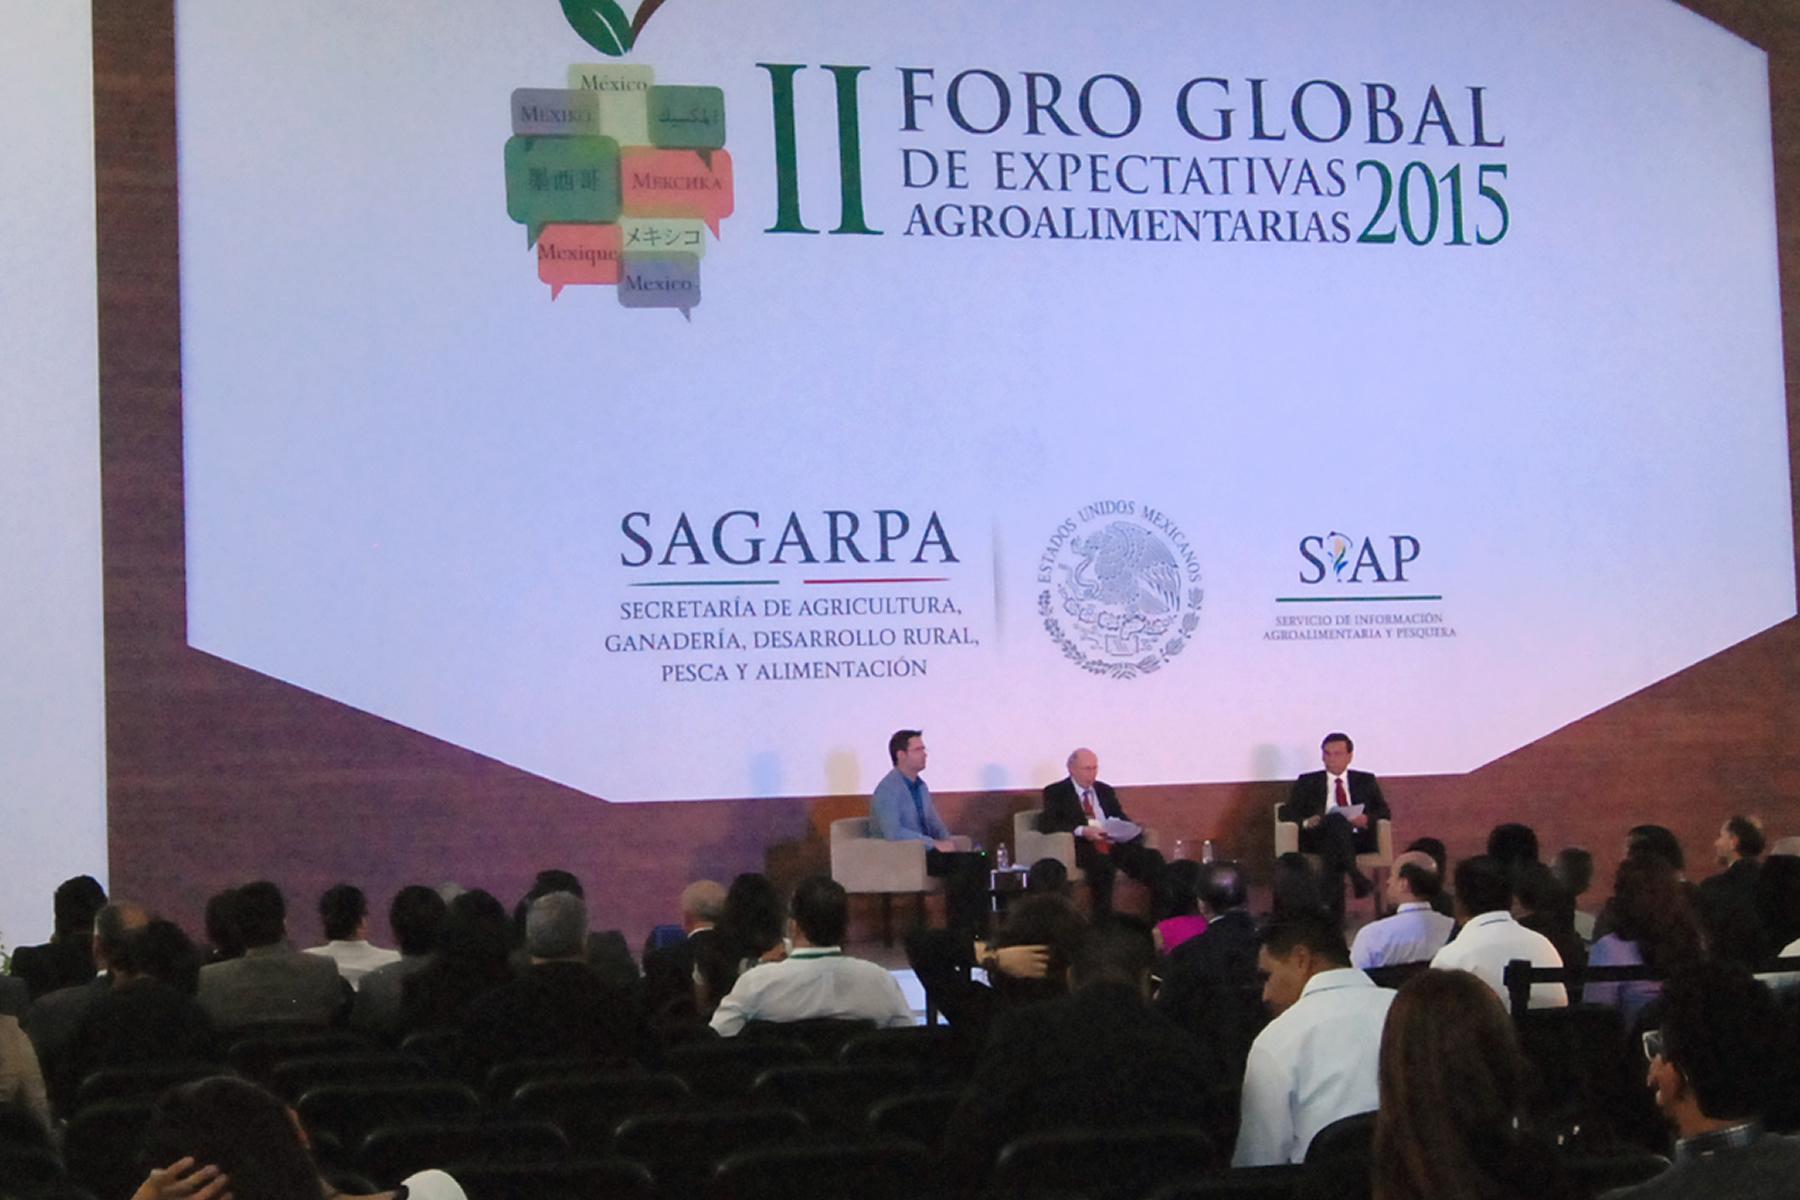 Foro Global de Expectativas Agroalimentarias, espacio de intercambio para incrementar y ordenar la producción de alimentos.